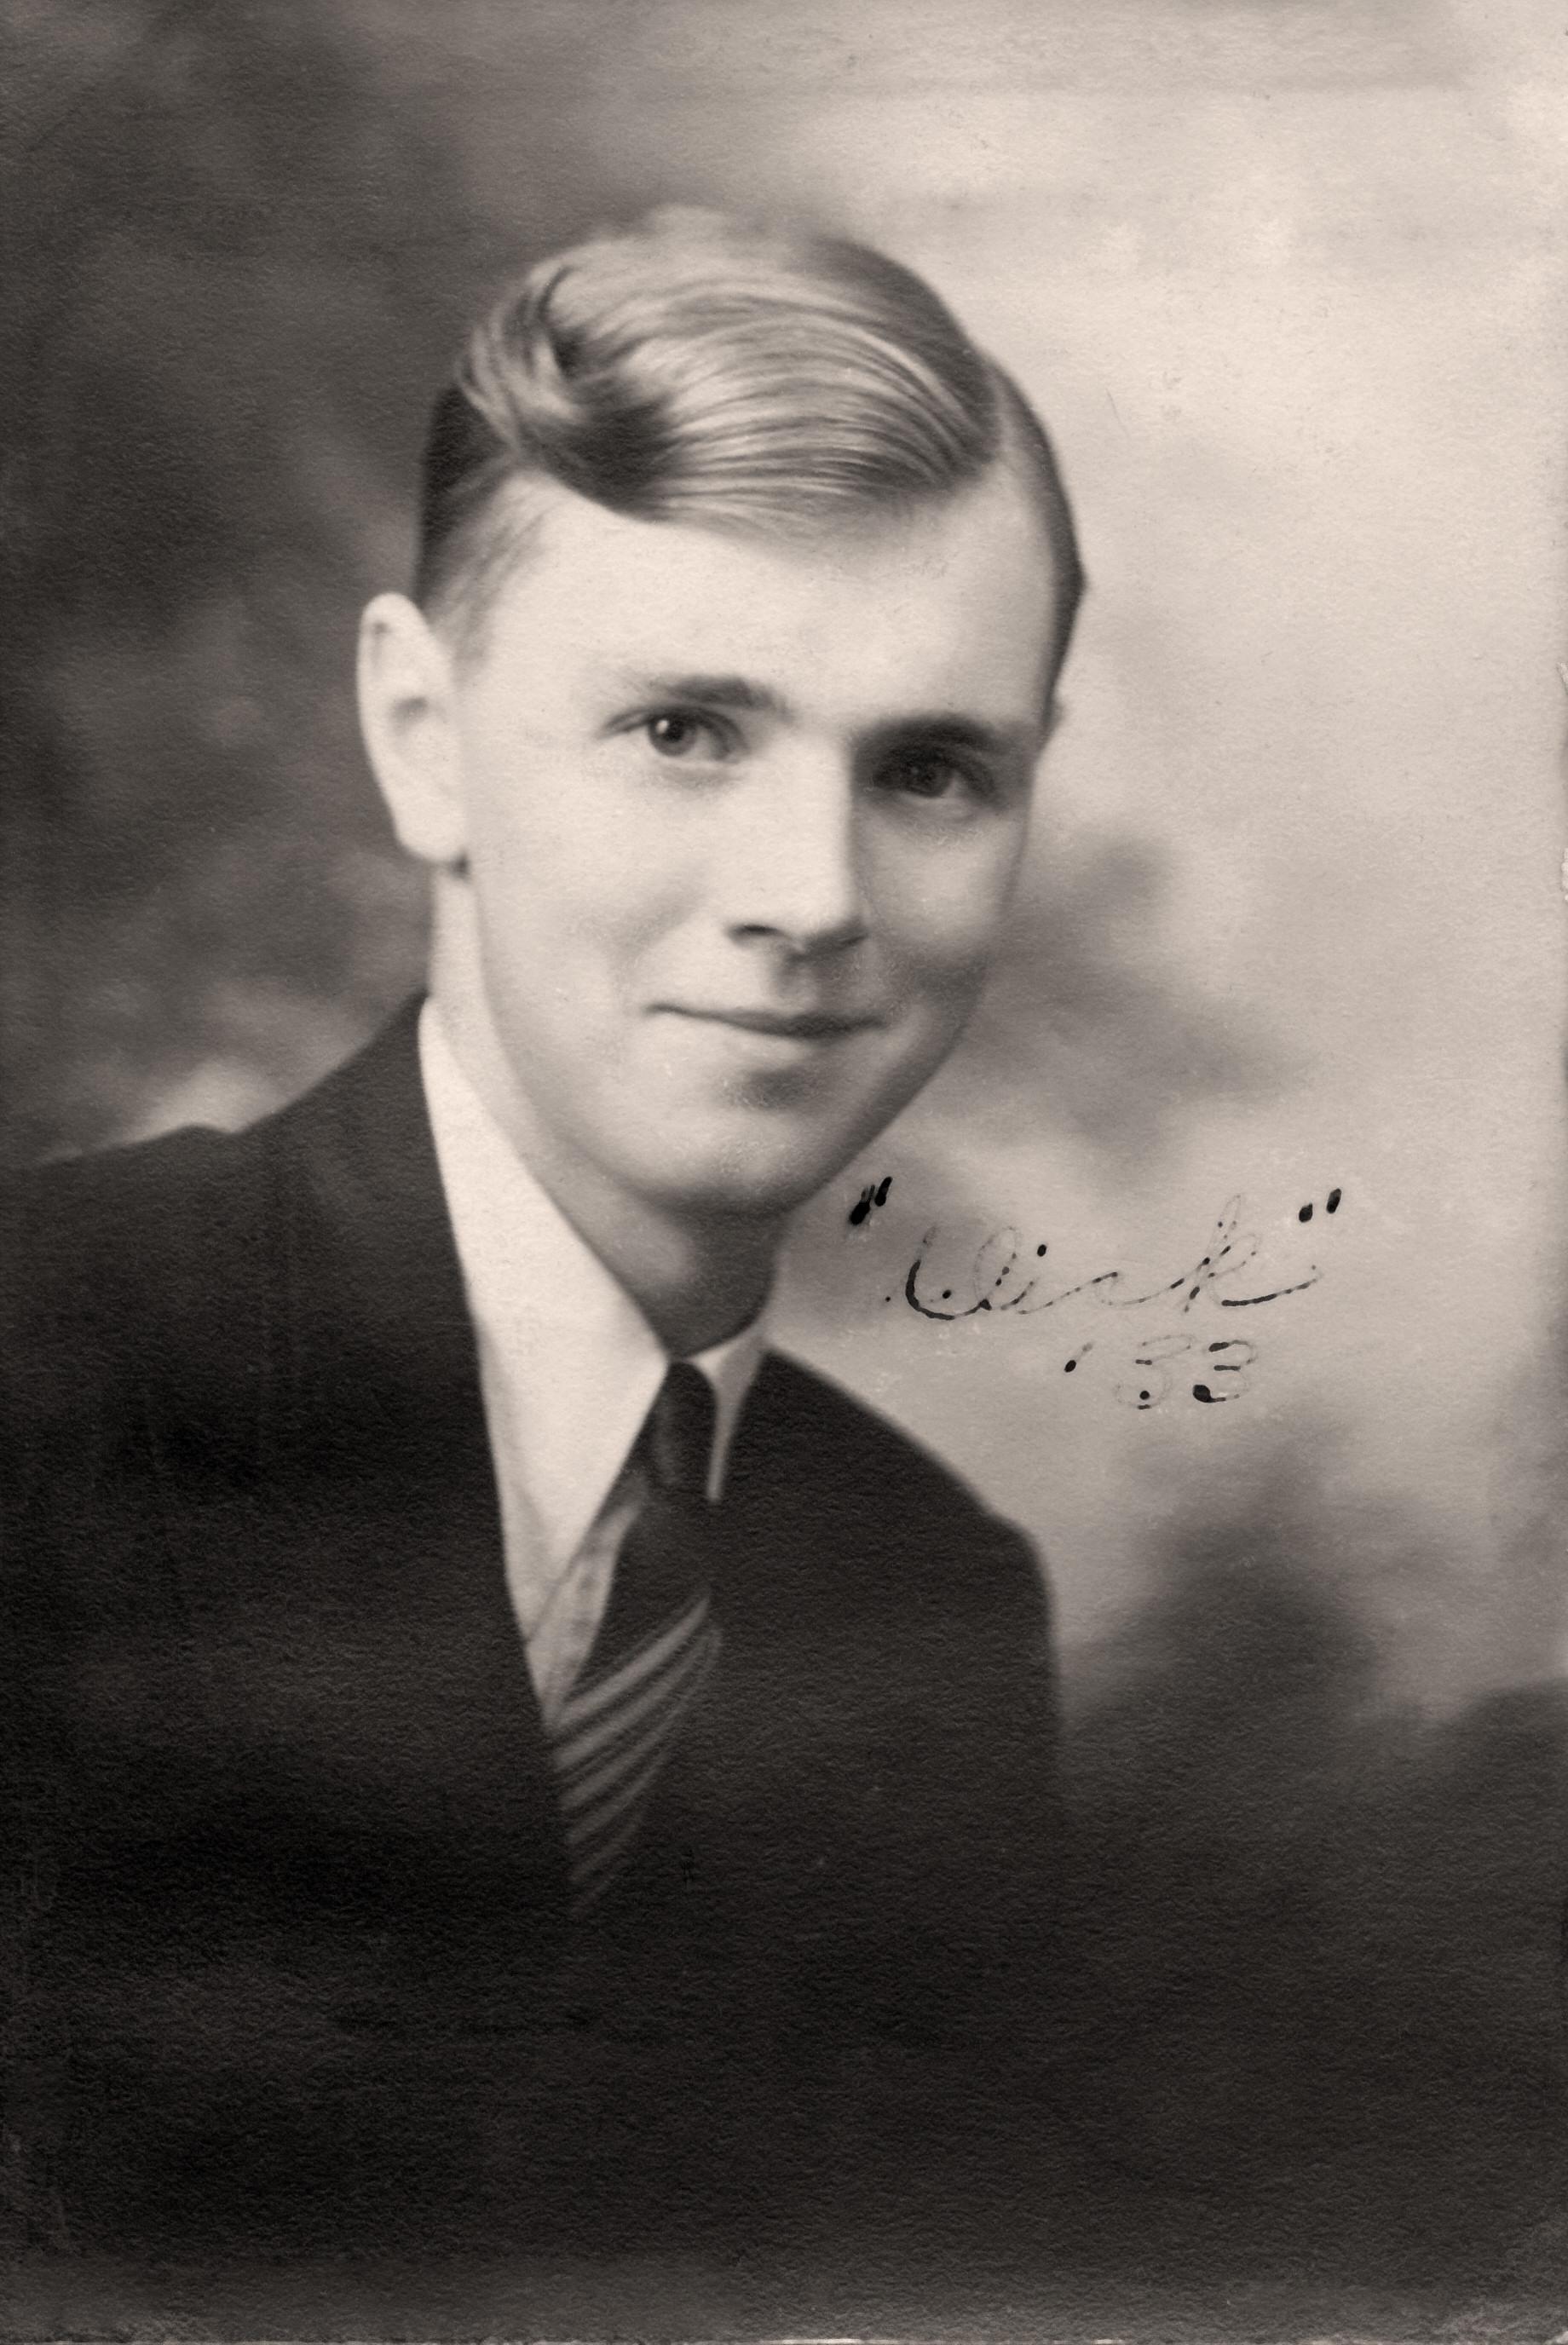 richard stevens 1933